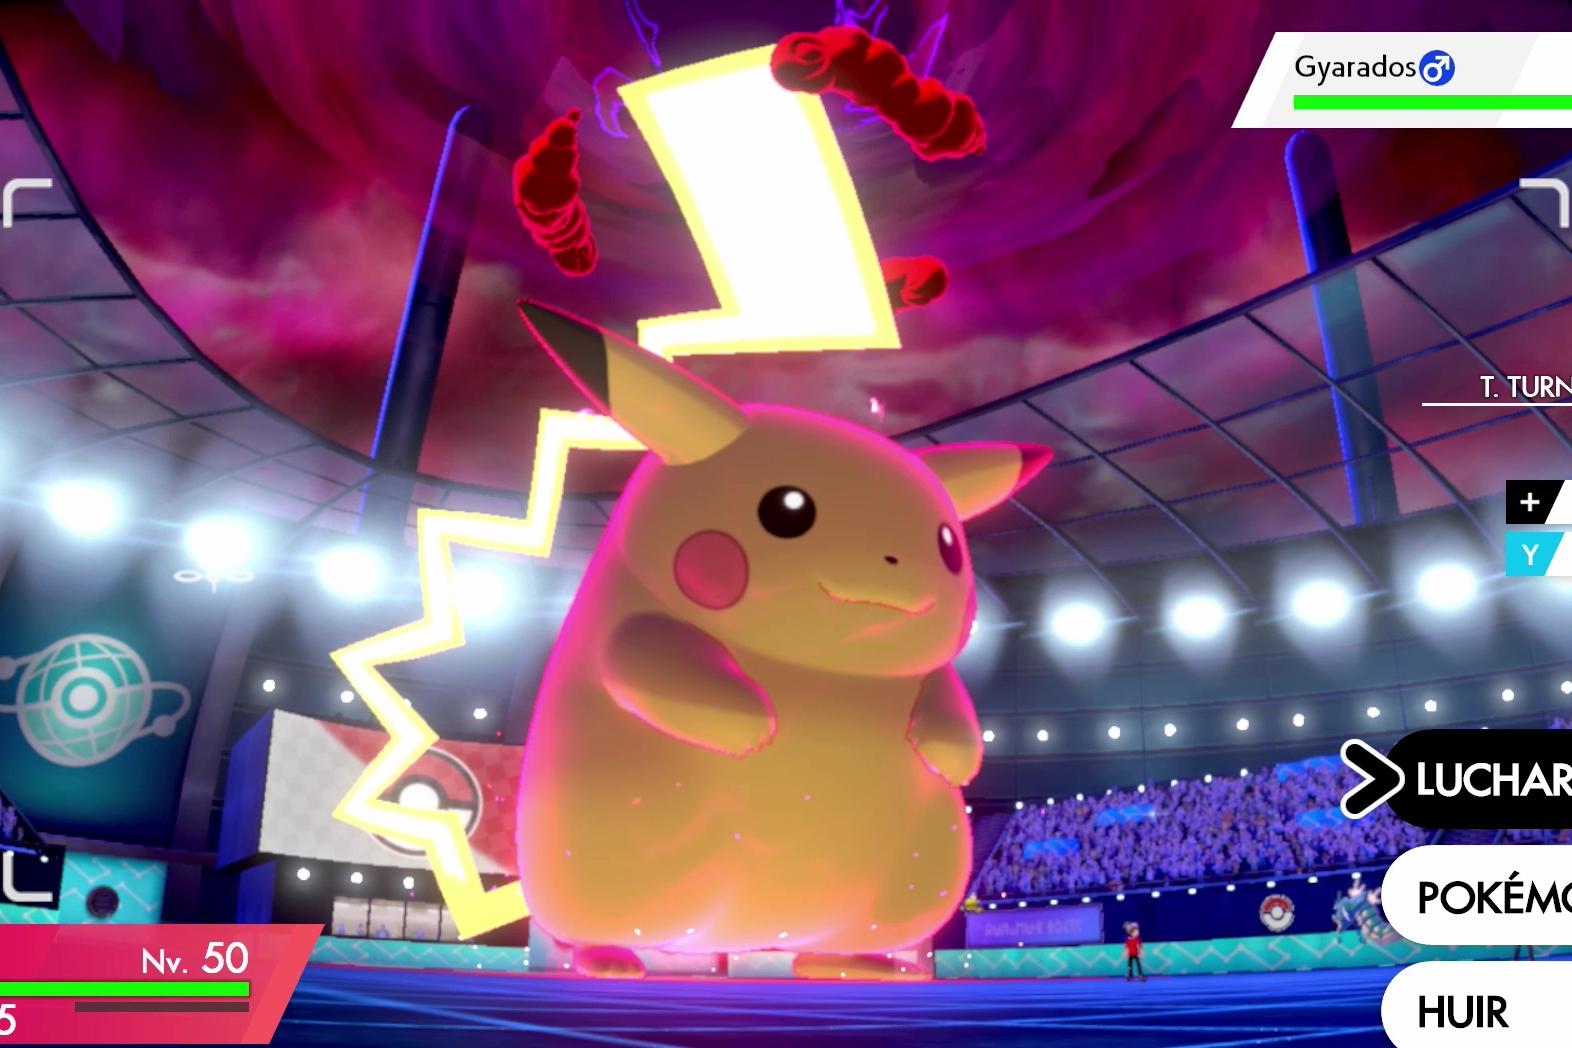 Su nuevo juego tiene Pikachu obesos y un problema con sus fans